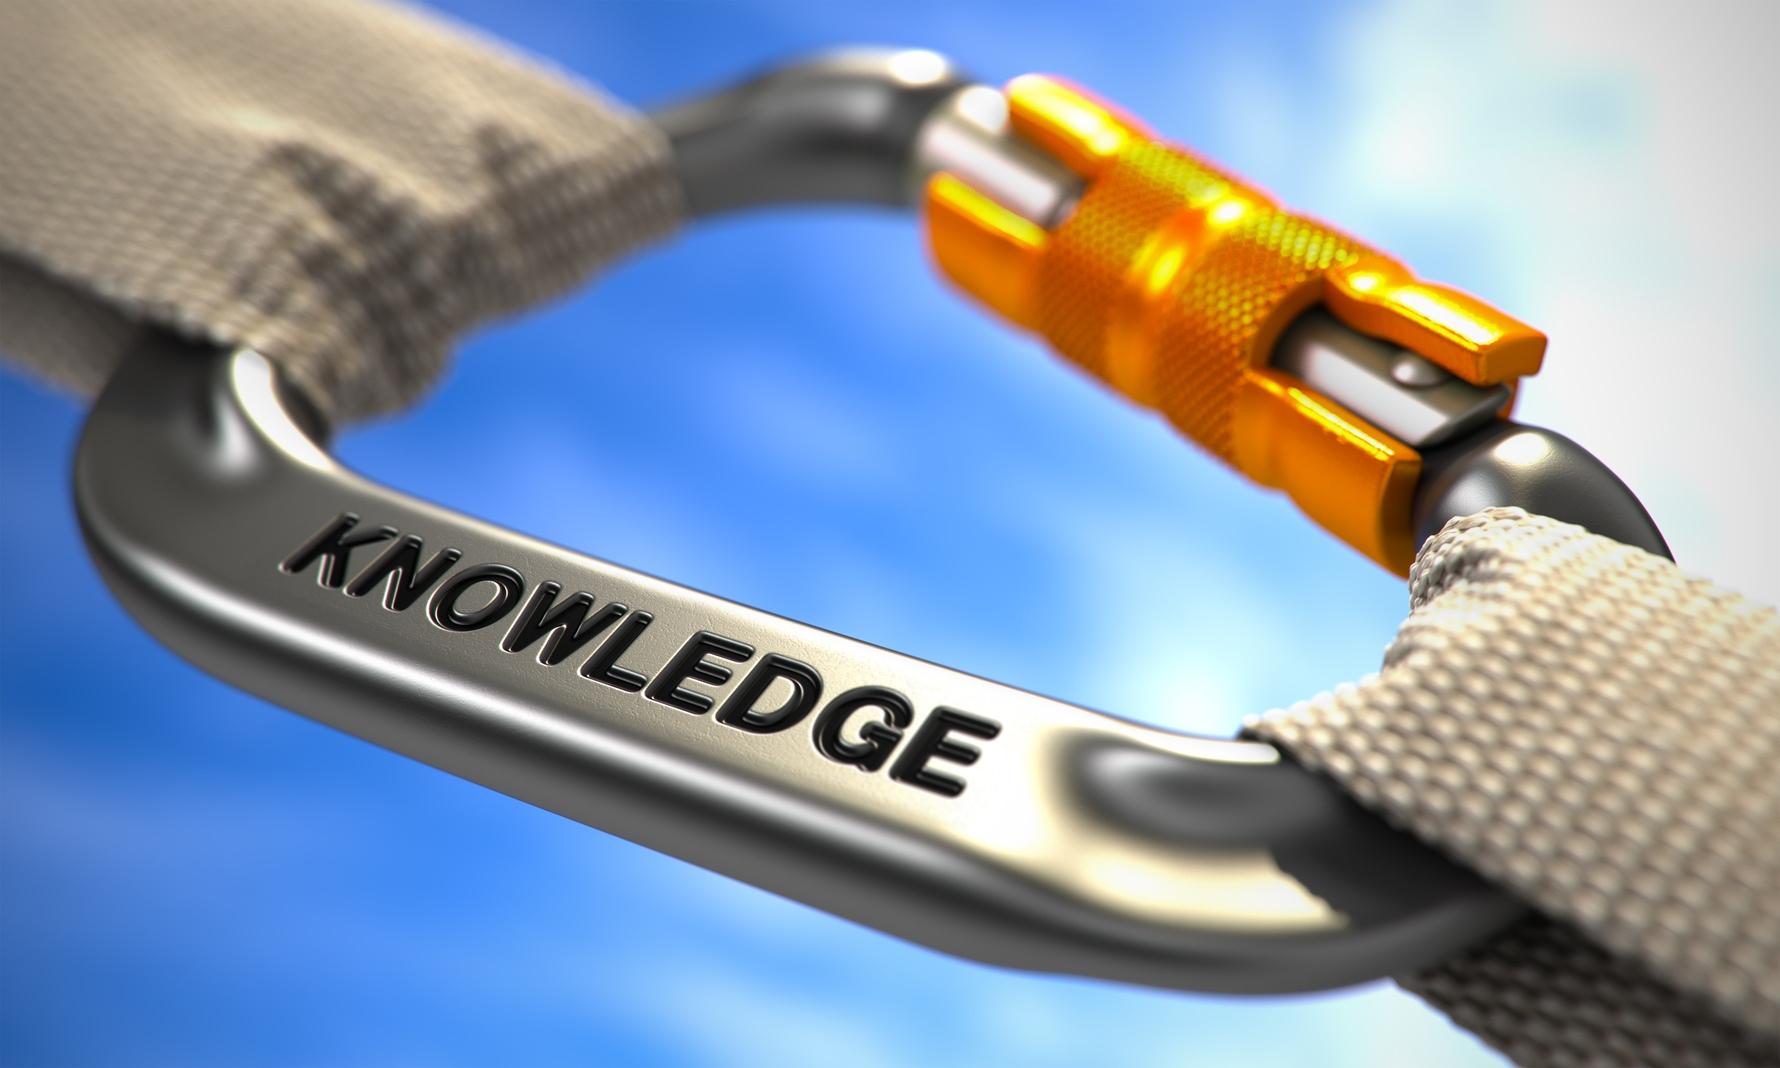 לכתוב פוסט, או מאמר בתחומי הניהול, המנהיגות, והדרכה למנהלים?